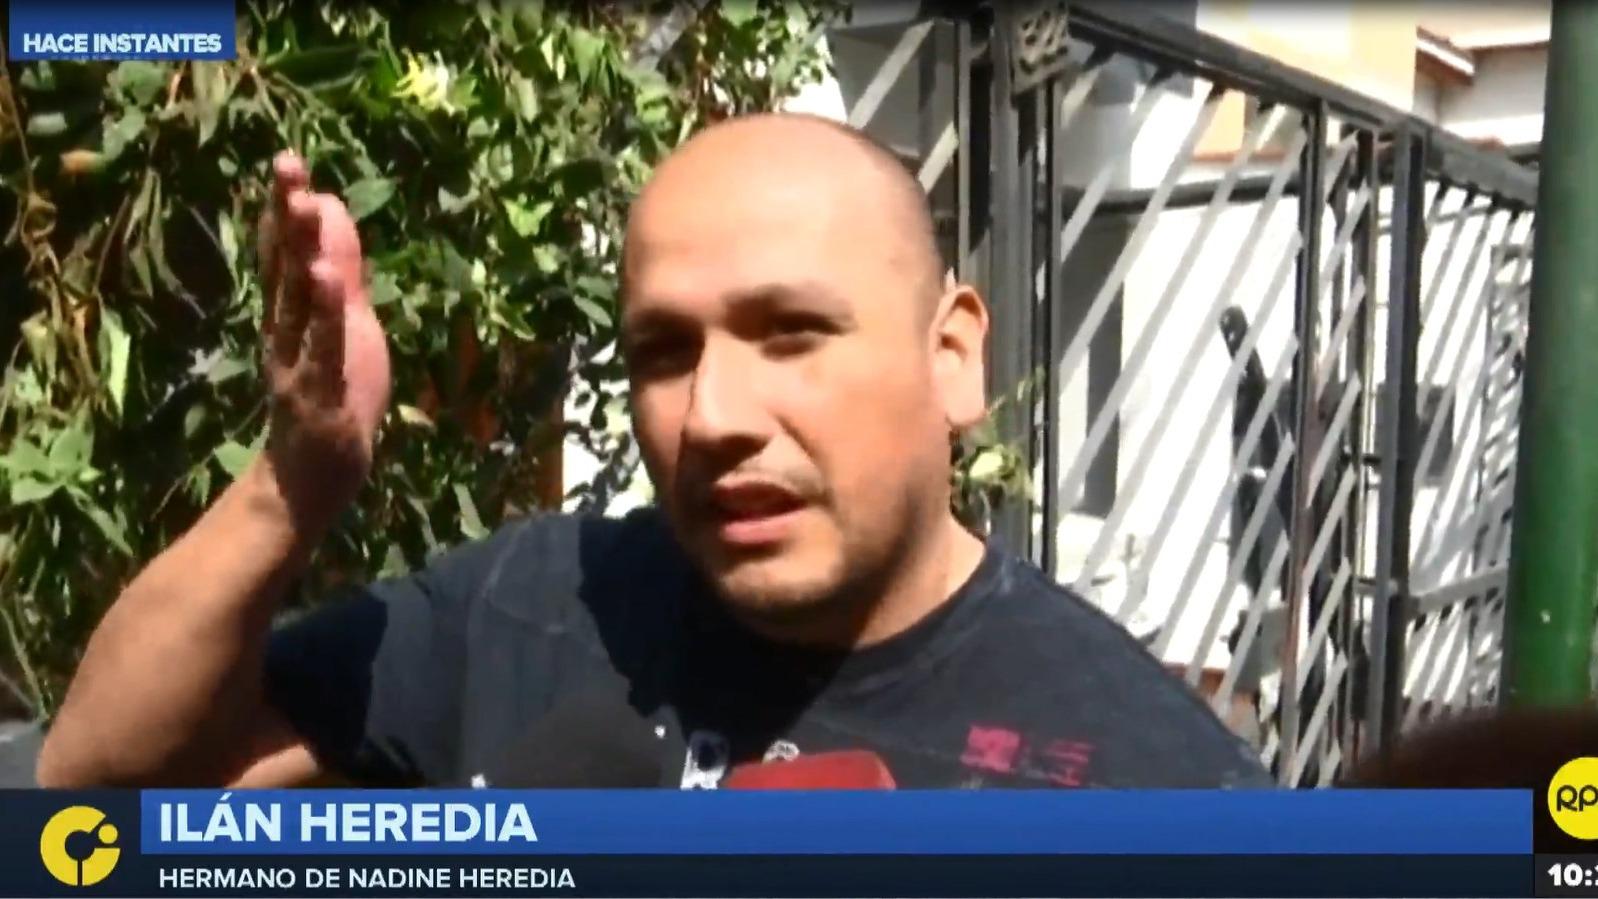 Ilán Heredia, hermano de la ex primera dama, rechazó el incautamiento de inmuebles relacionados a Ollanta Humala y su esposa.